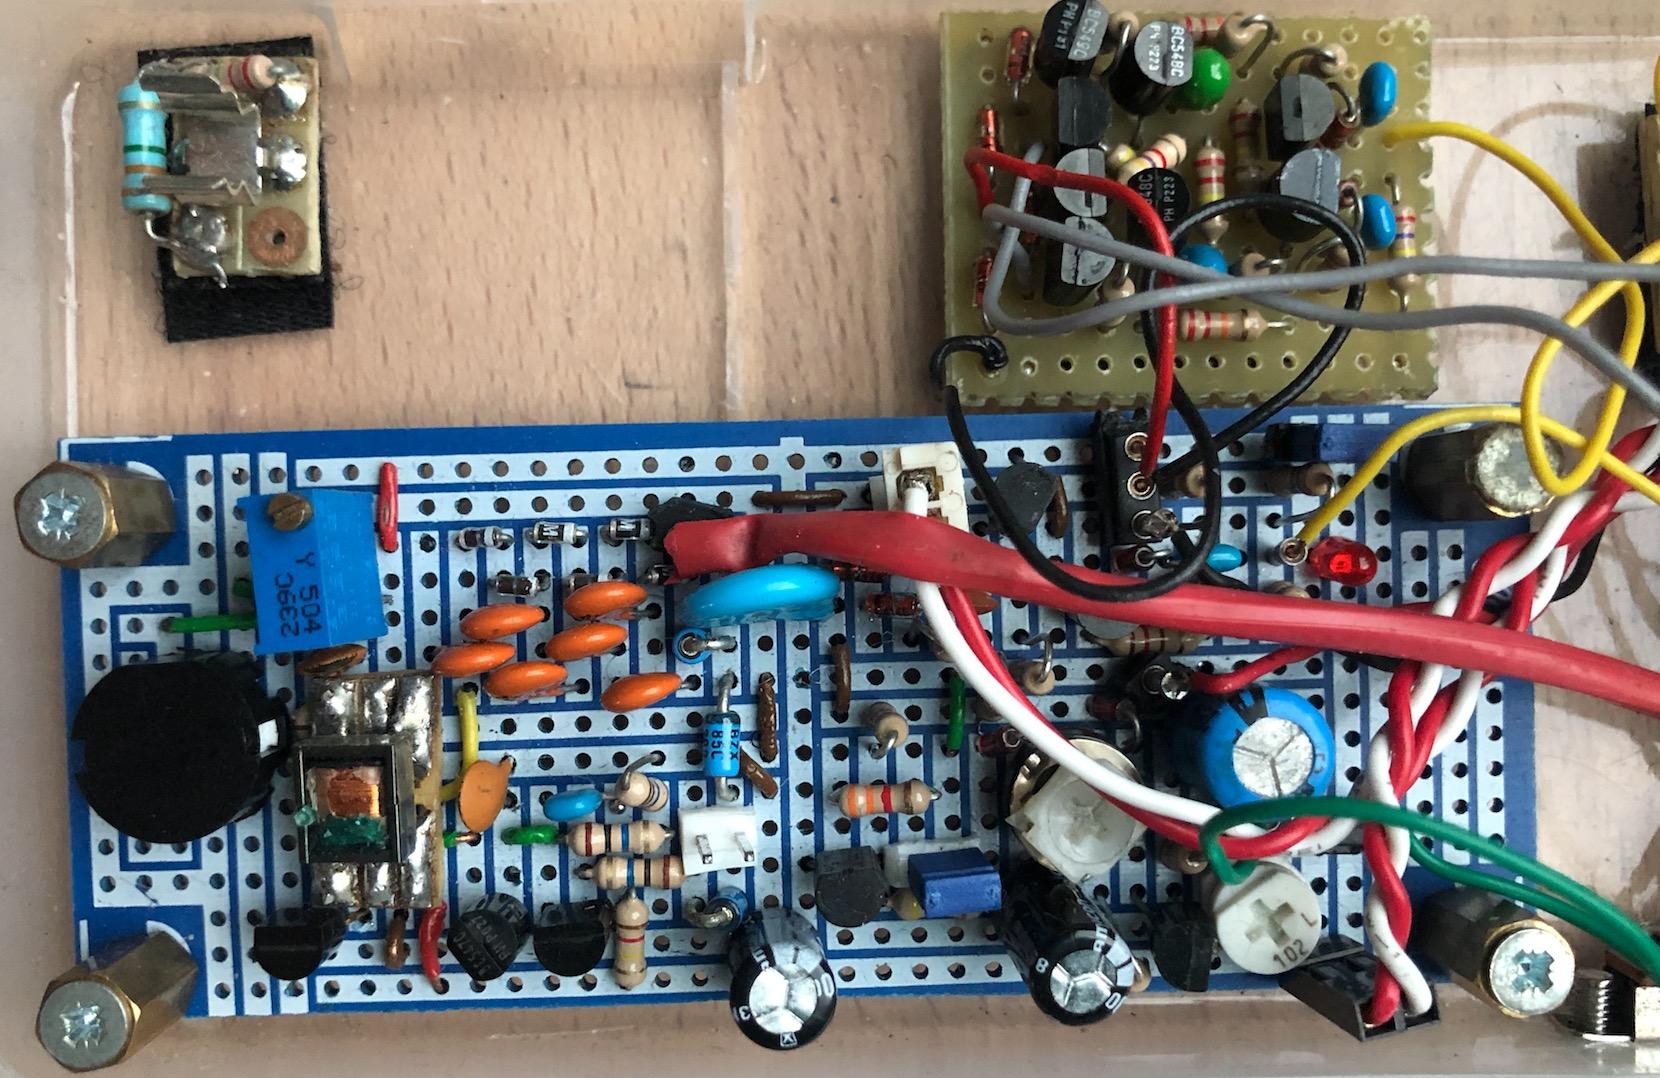 Un projet de compteur geiger à transistors - Page 2 Captu522